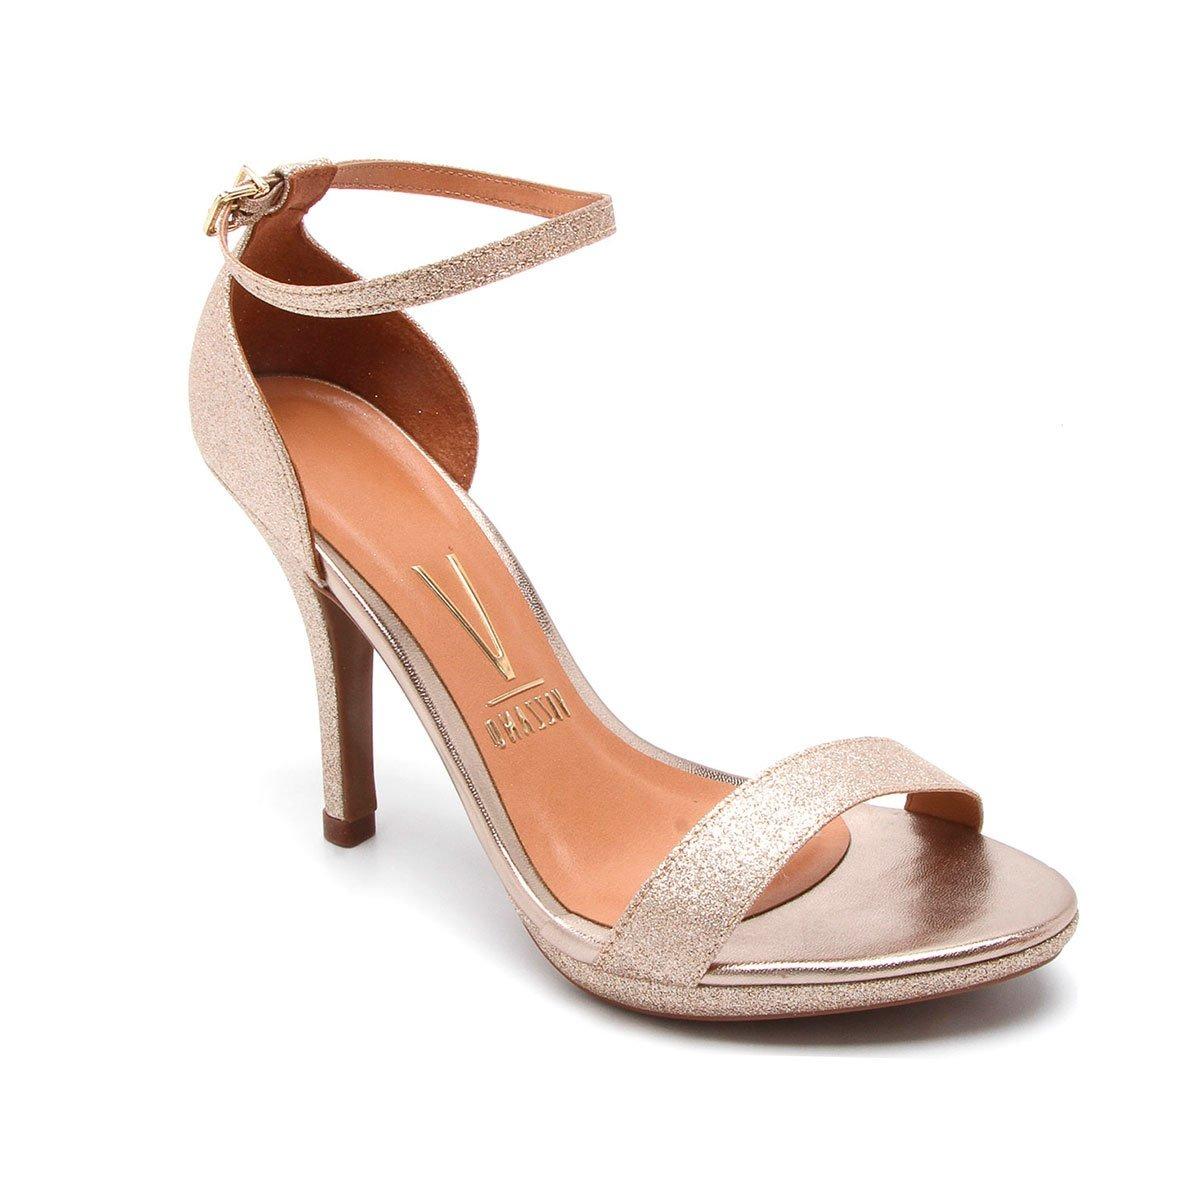 9306048c5 sandália social dourada vizzano glitter salto alto social. Carregando zoom.